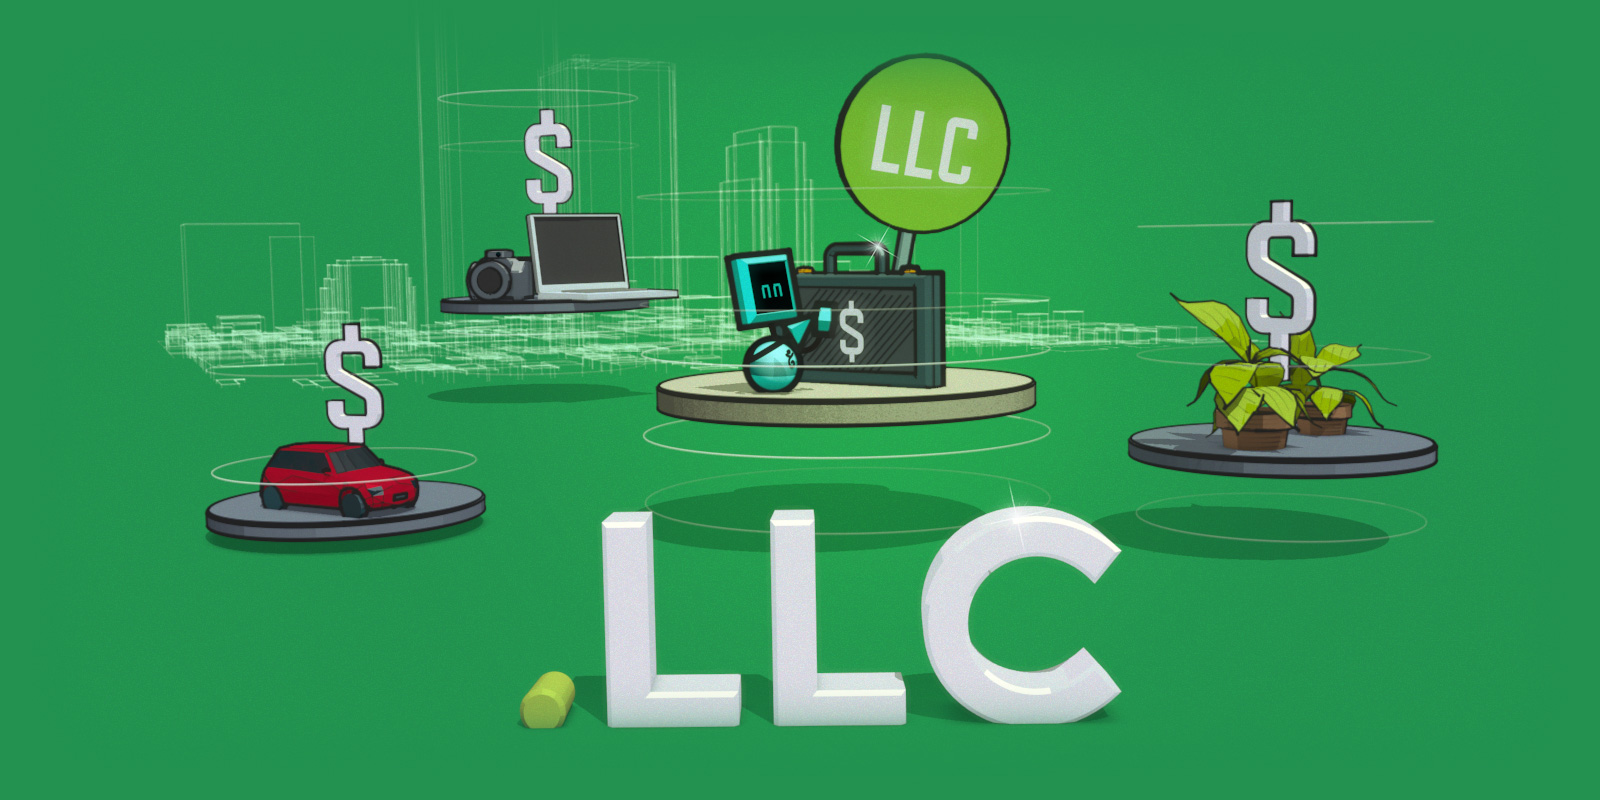 GoLive for .llc domains